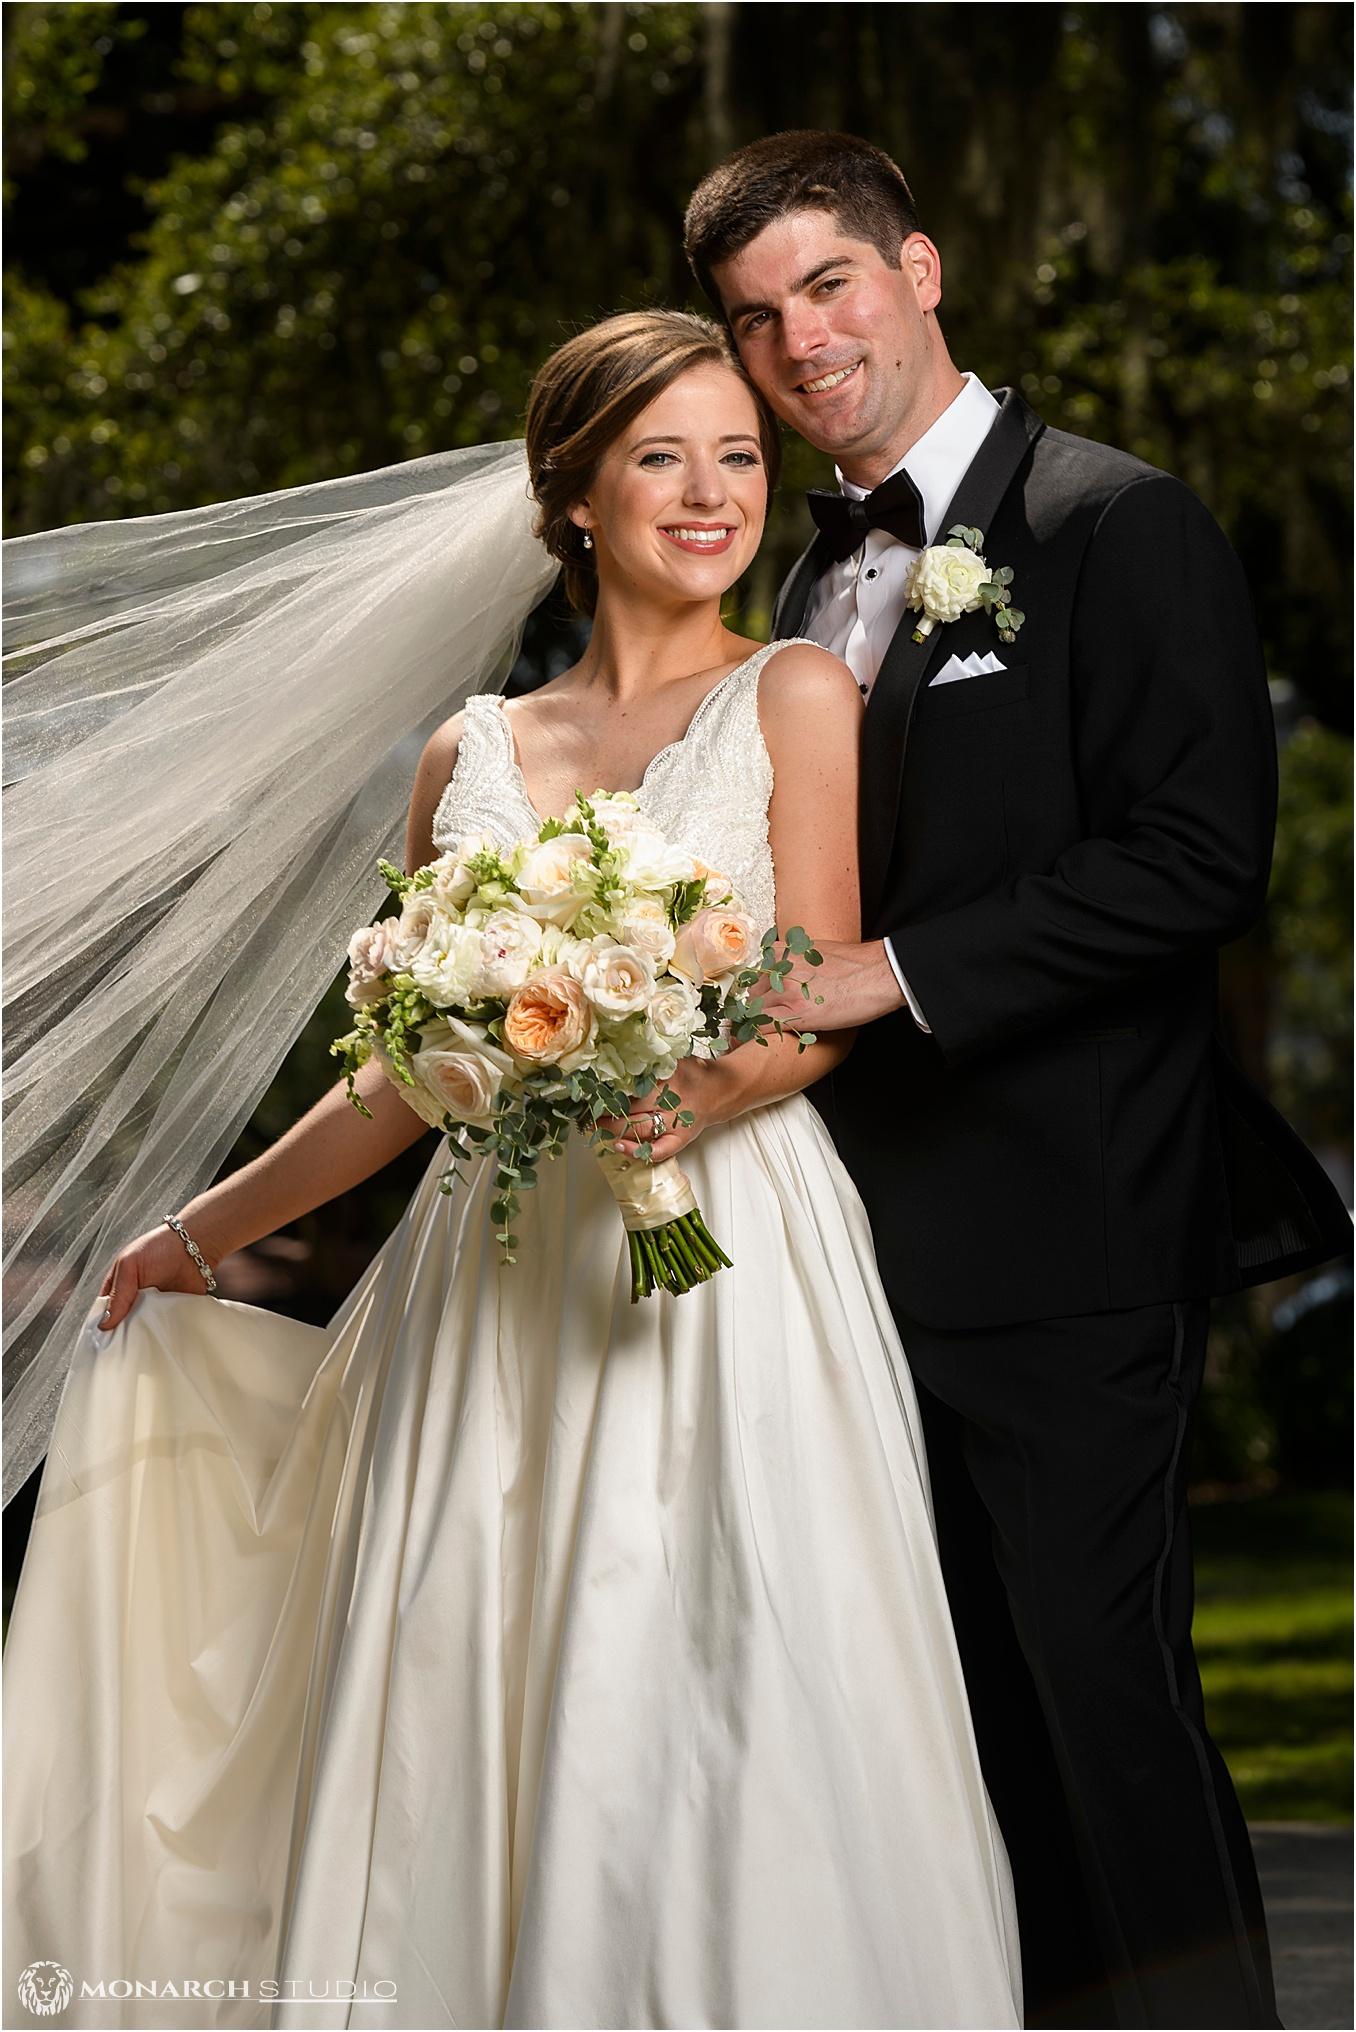 Wedding-PHotographer-in-st-augustine-2019-064.jpg